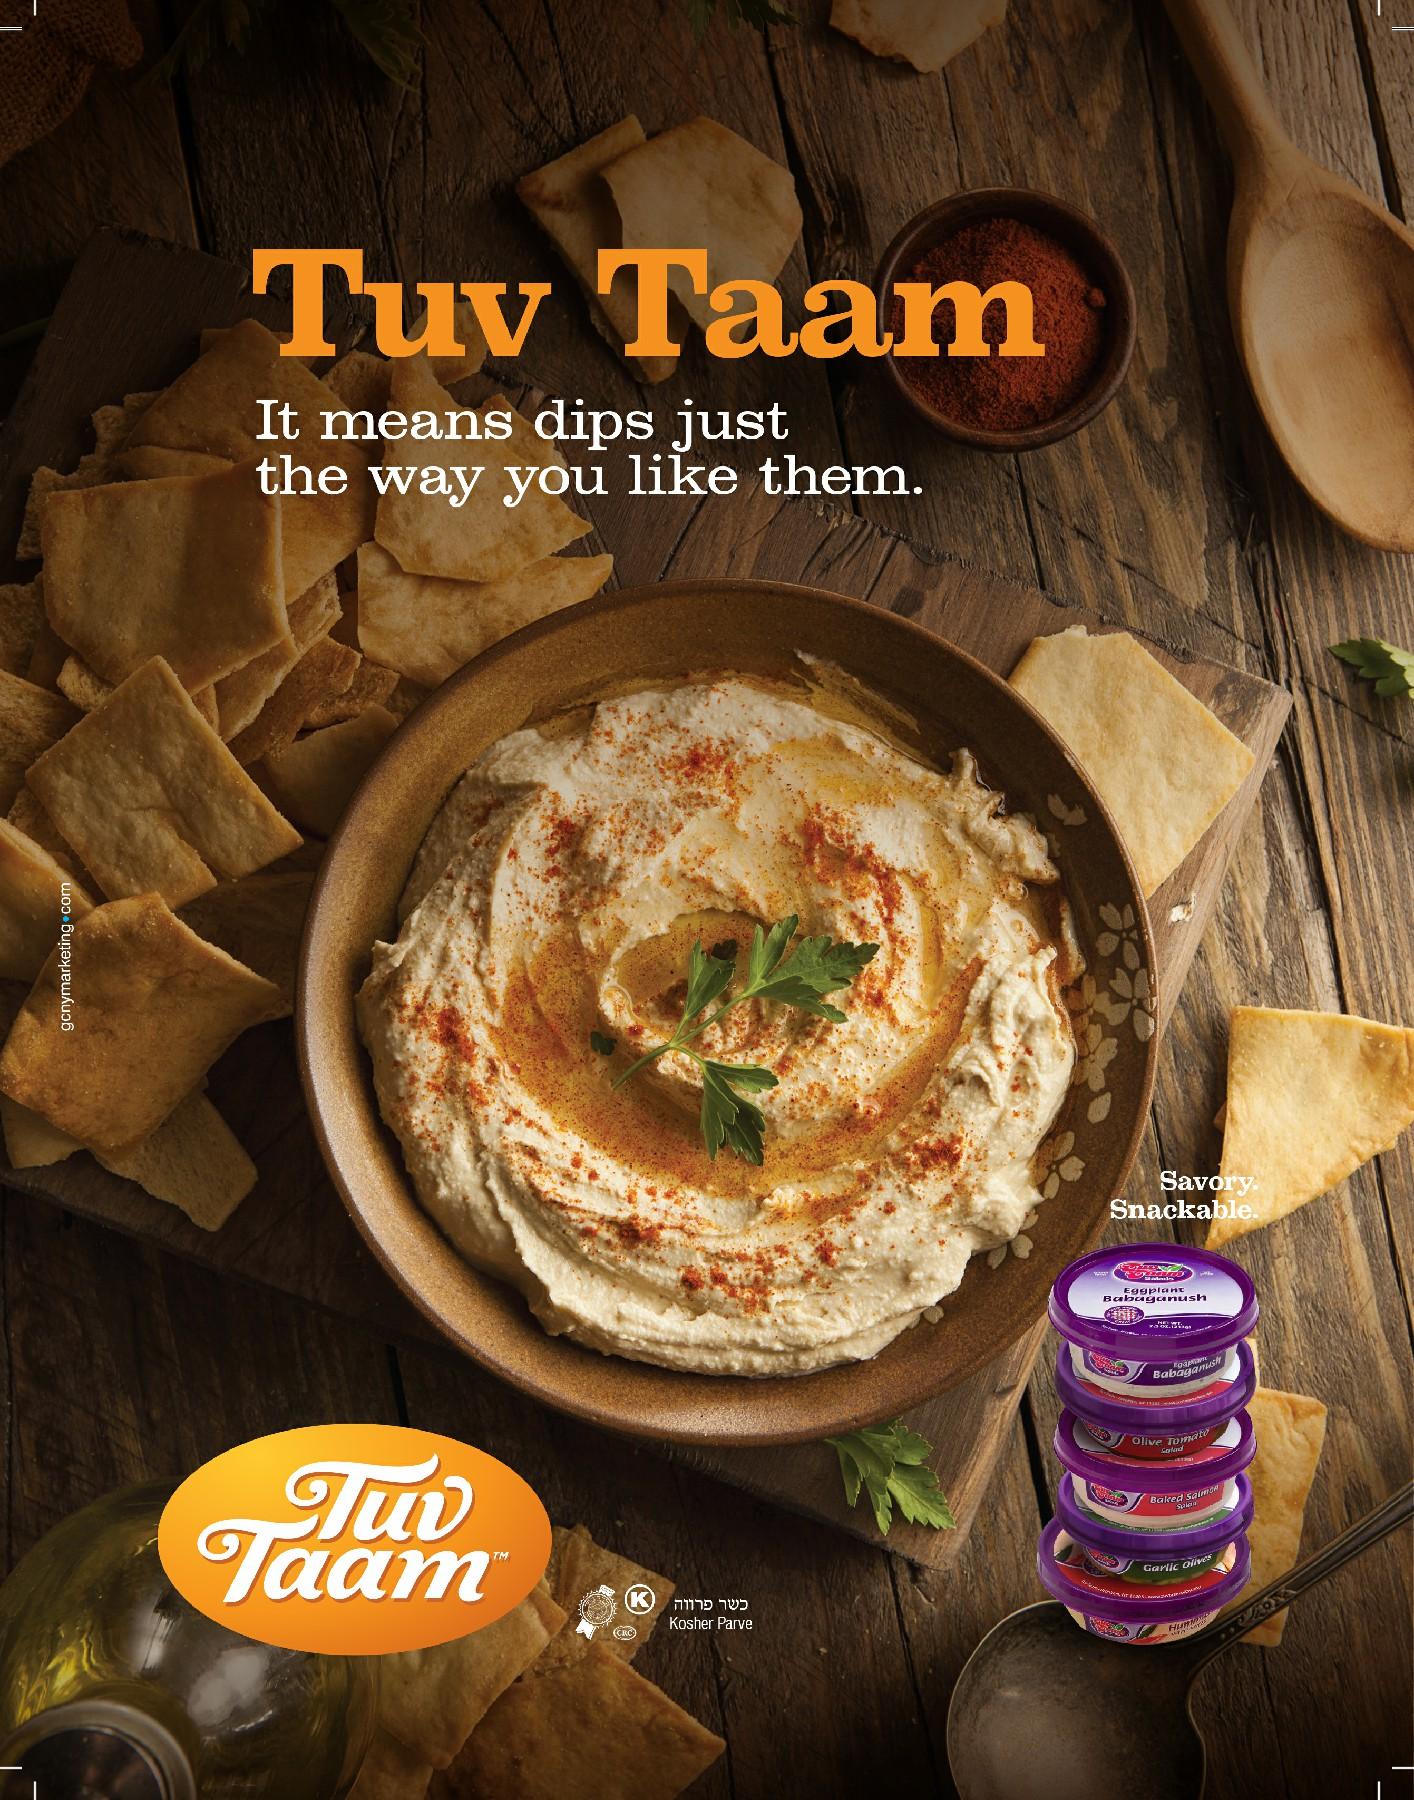 Tuv Taam